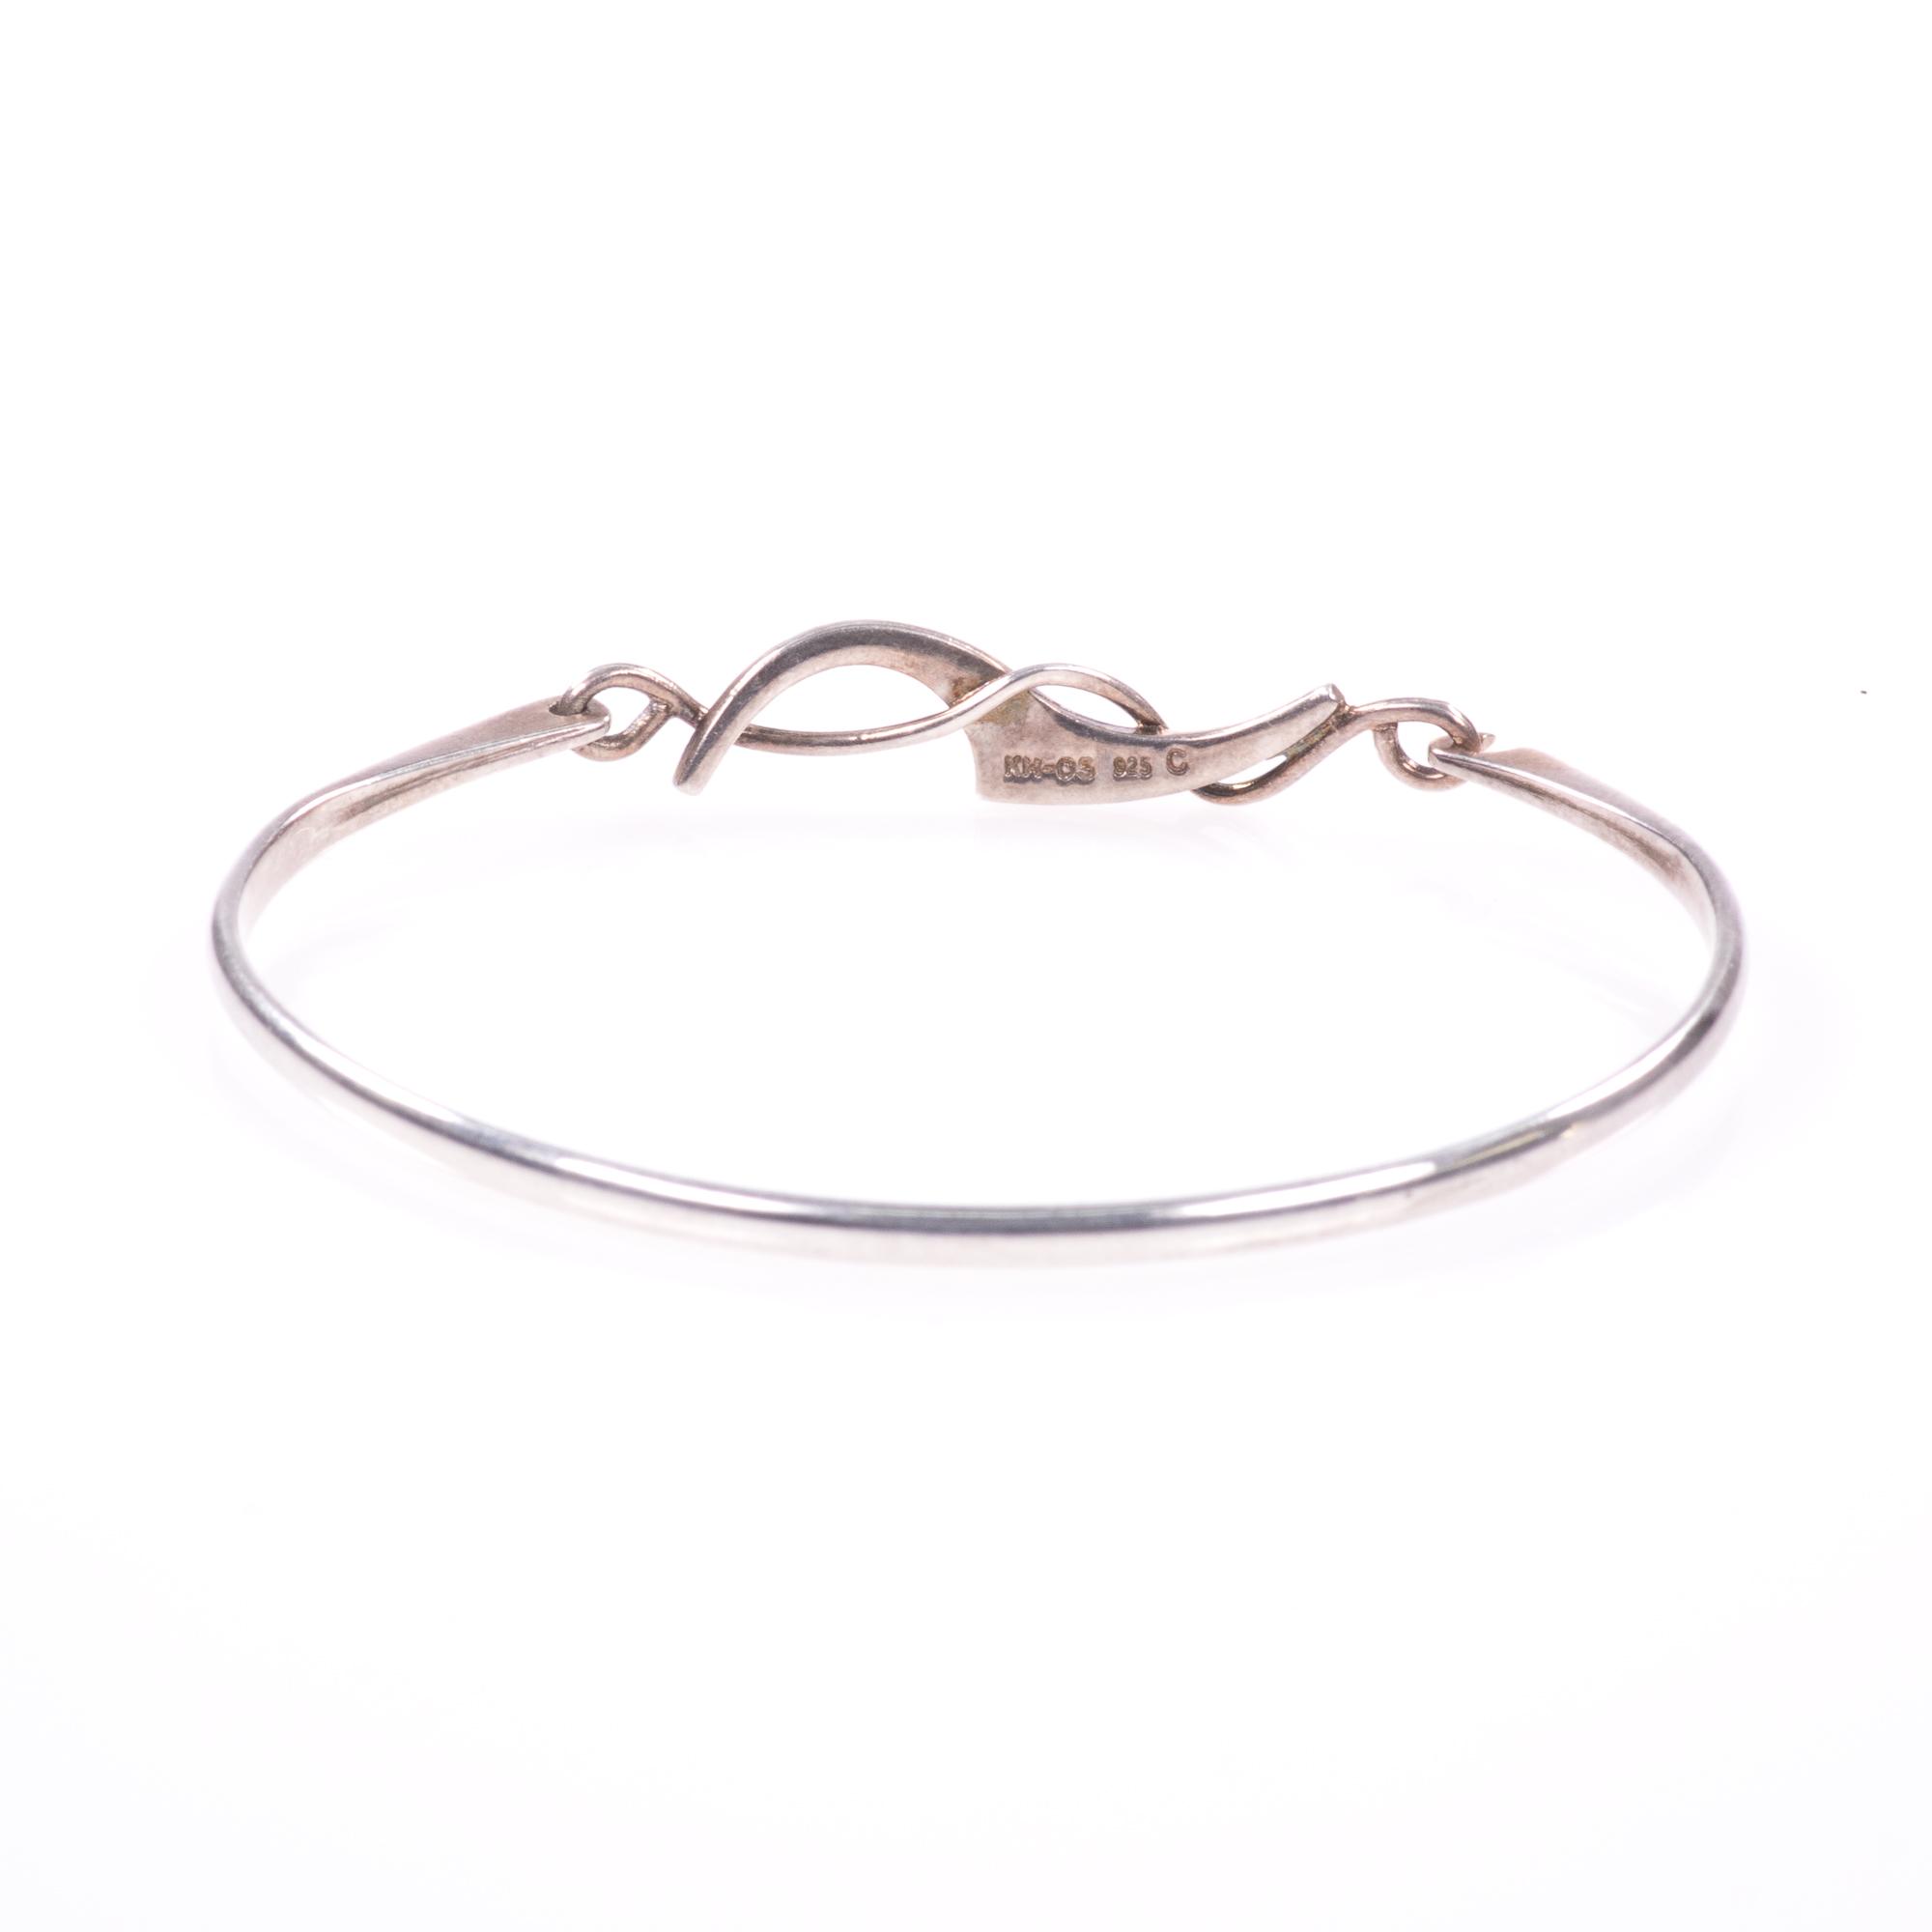 Silver Abstarct Modernist Bangle Bracelet - Image 5 of 9